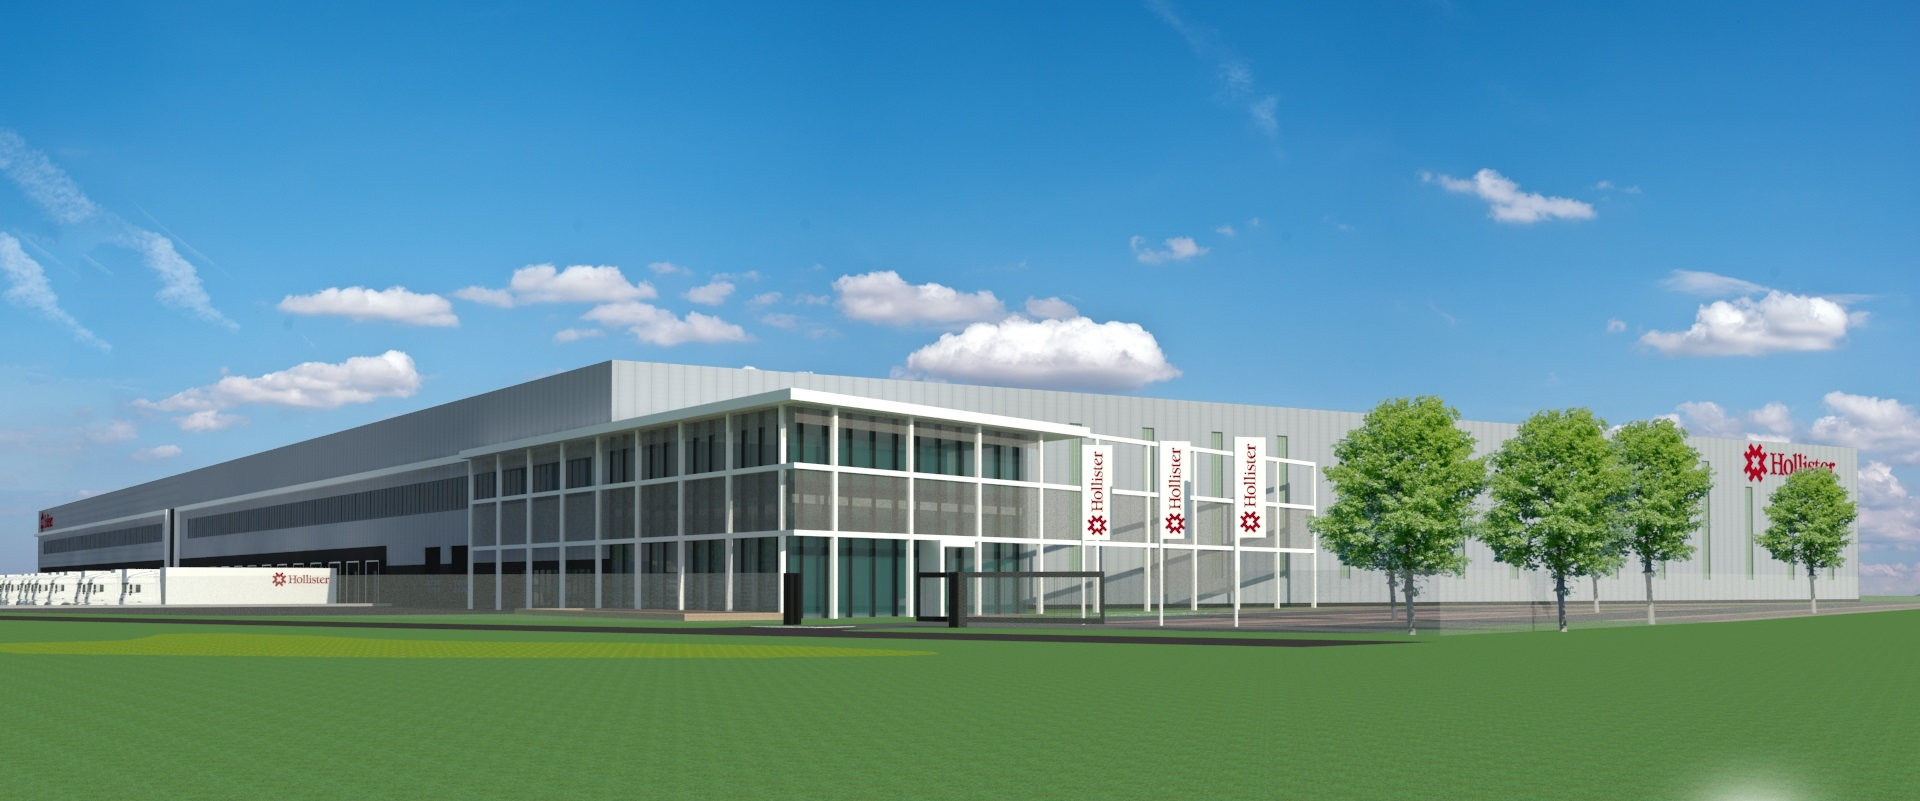 Nieuw DC Hollister Roosendaal • Warehouse Totaal